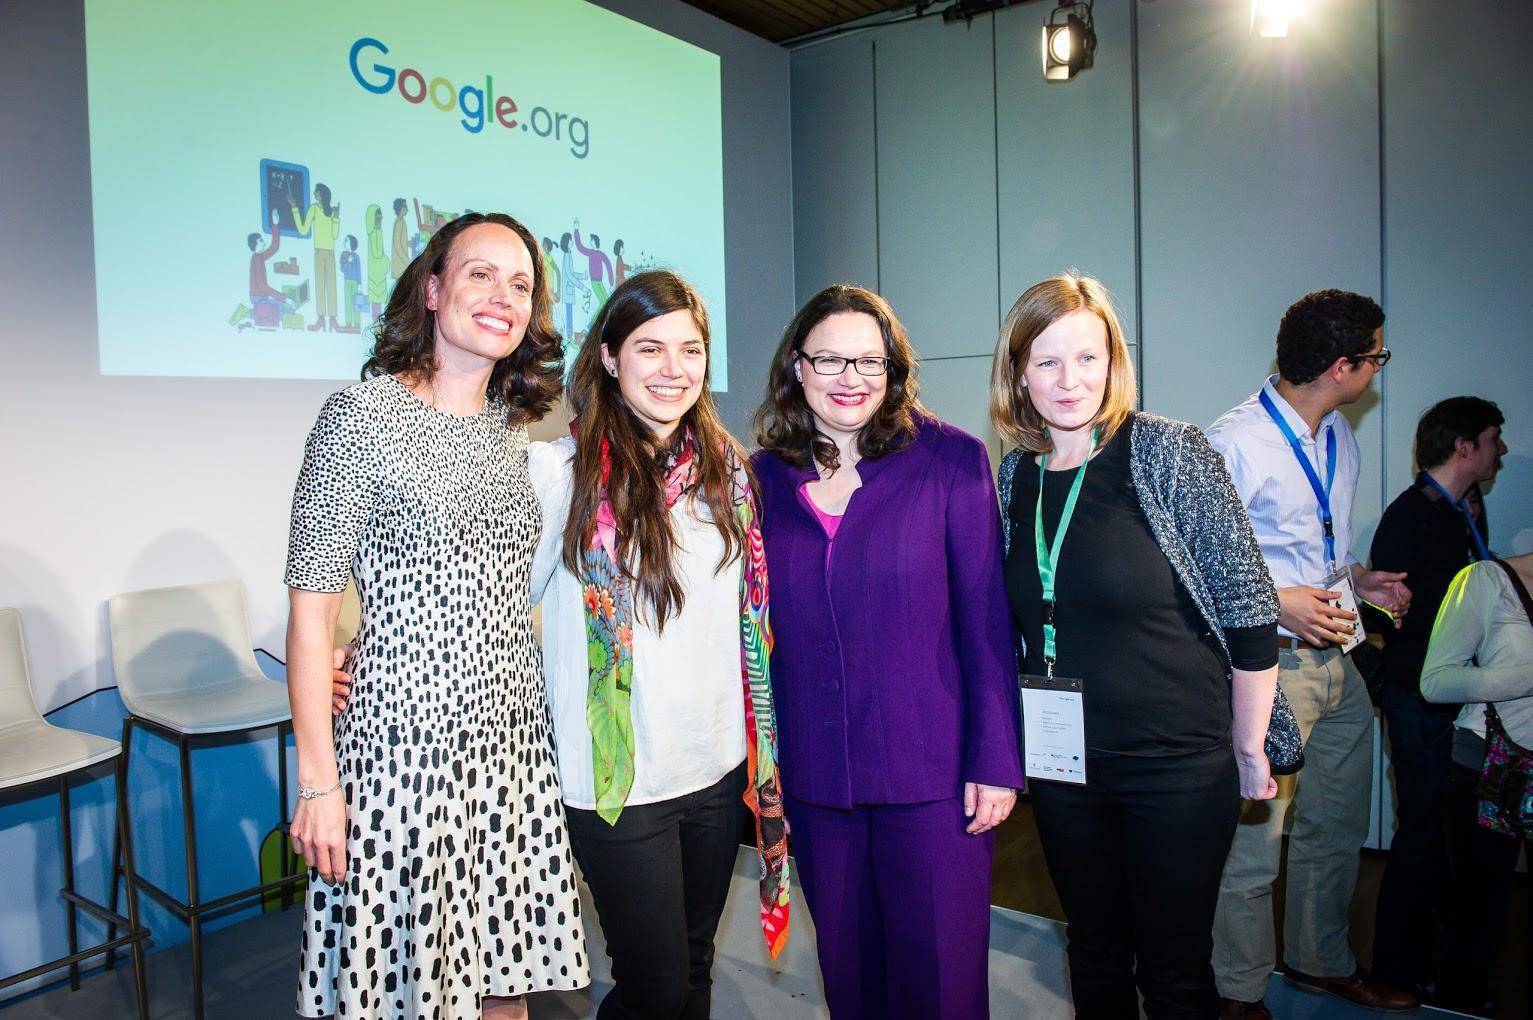 На церемонията по награждаването на финалистите в конкурса за дигитални социални иновации Google Impact Challenge 2016, от ляво на дясно: Жаклин Фулър, директор на Google.org, Екатерина Карабашева, социалният министър на Германия и Верена Порш от екипа на Jourvie.